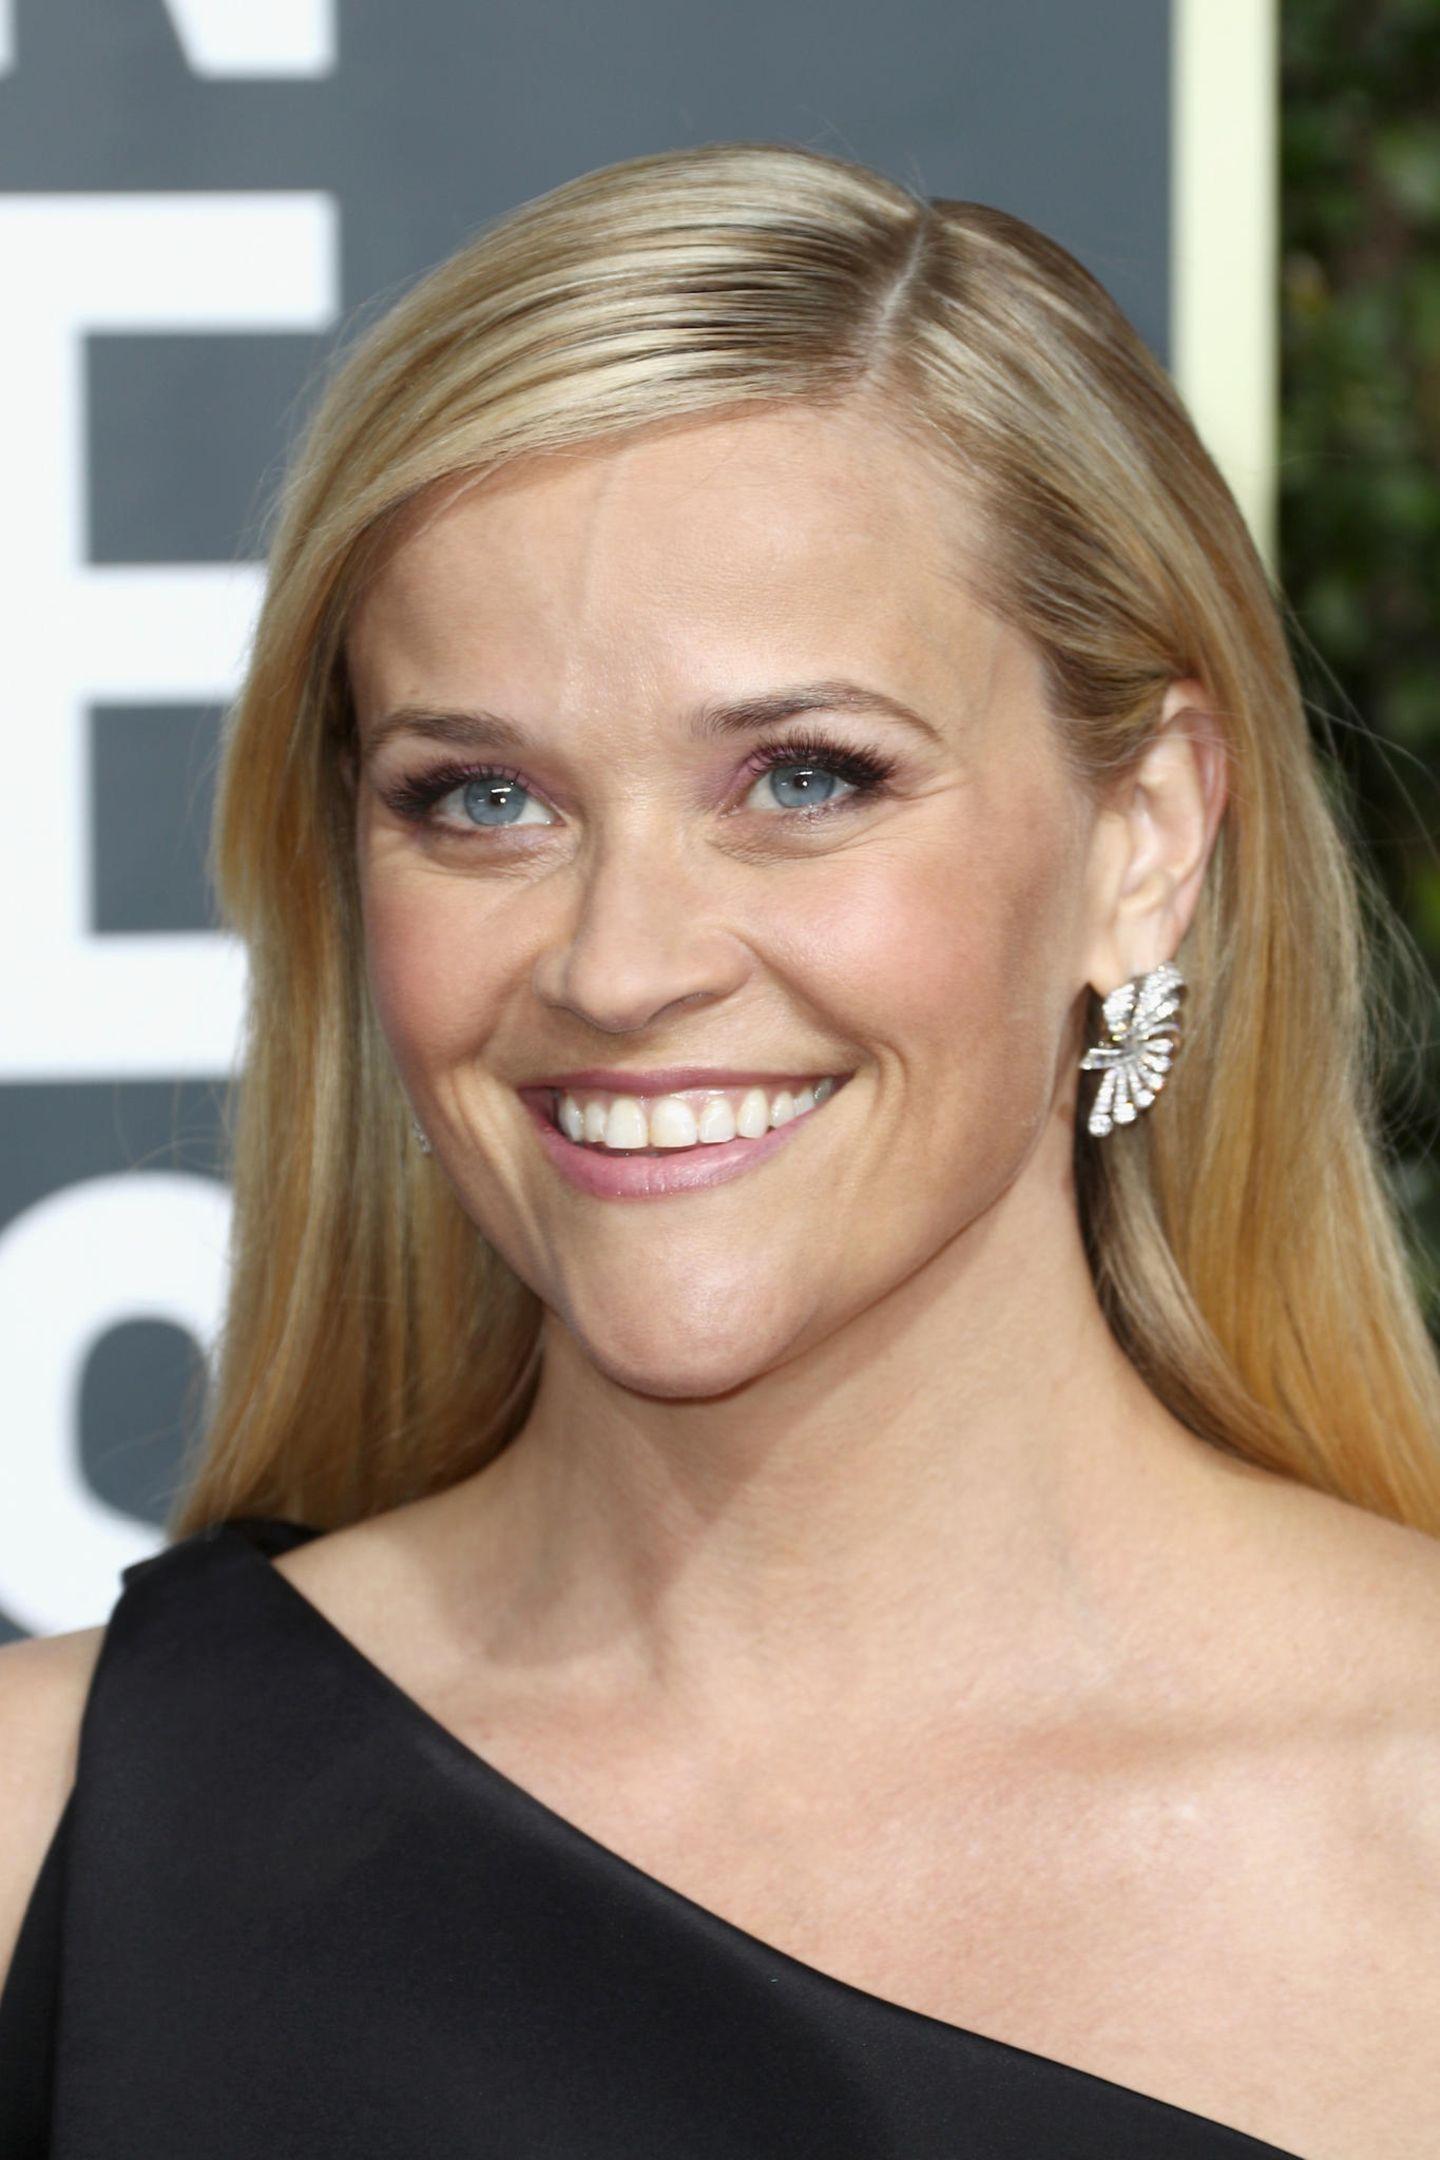 Frisuren, die jünger machen: Reese Witherspoon mit Seitenscheitel